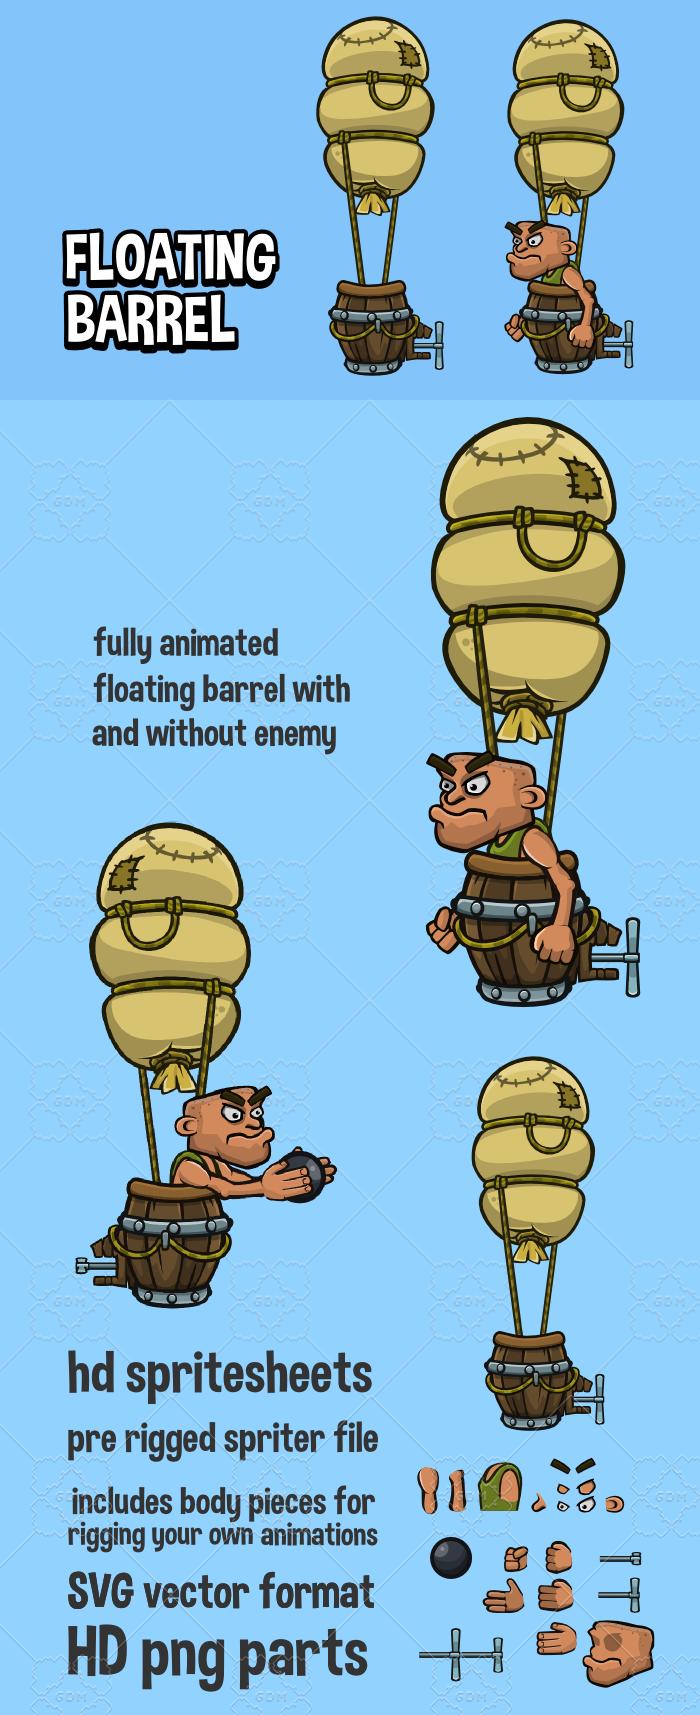 Animated floating barrel